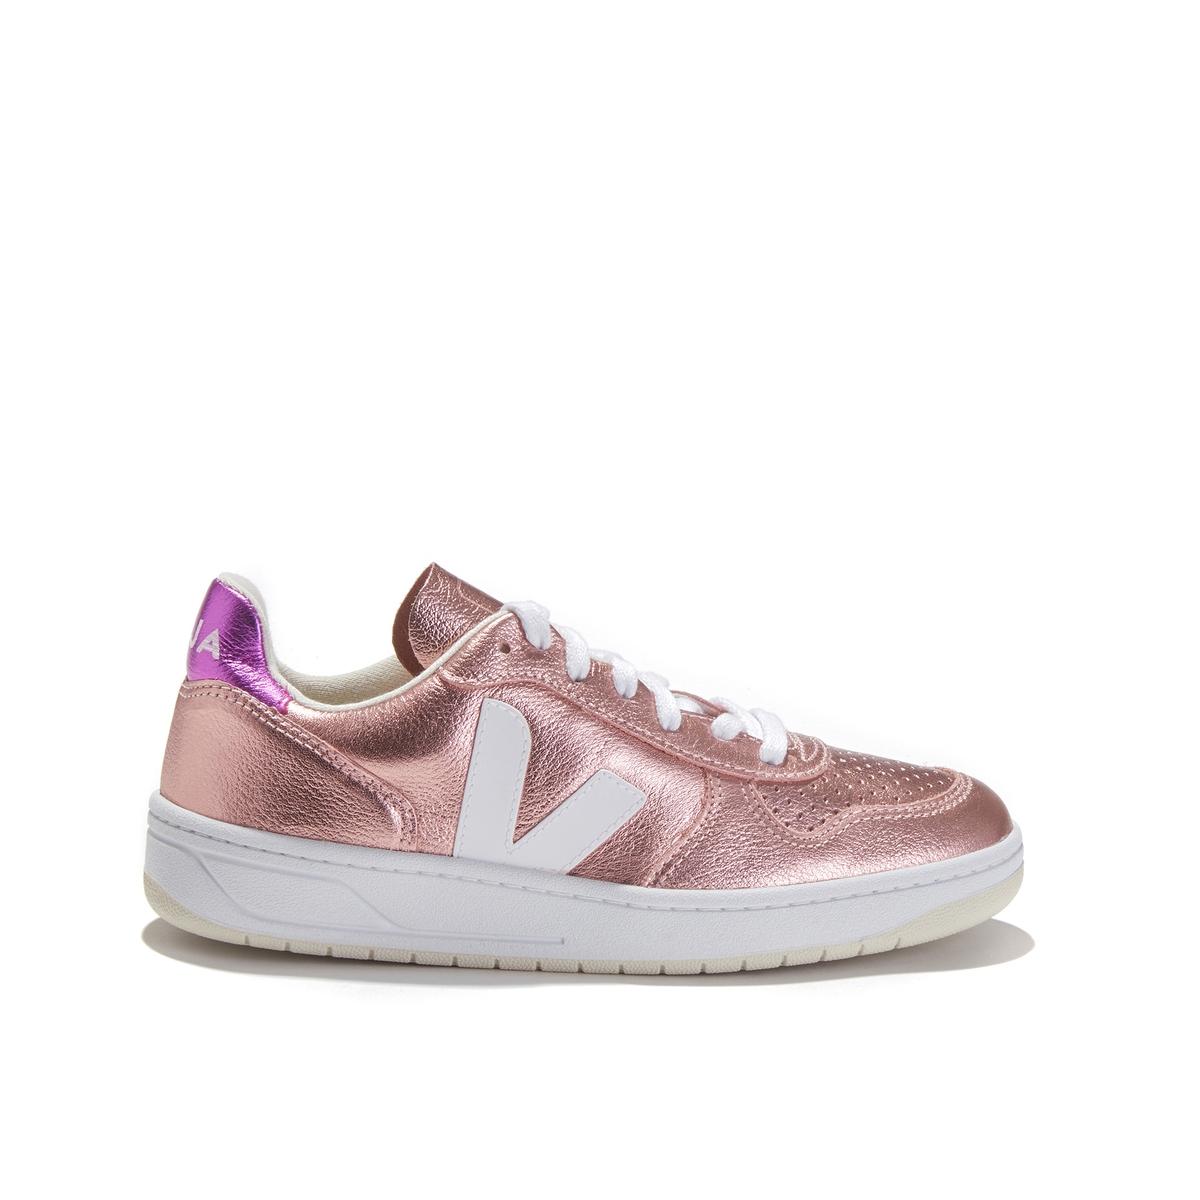 Кеды La Redoute С металлическим блеском на шнуровке V- 36 розовый цены